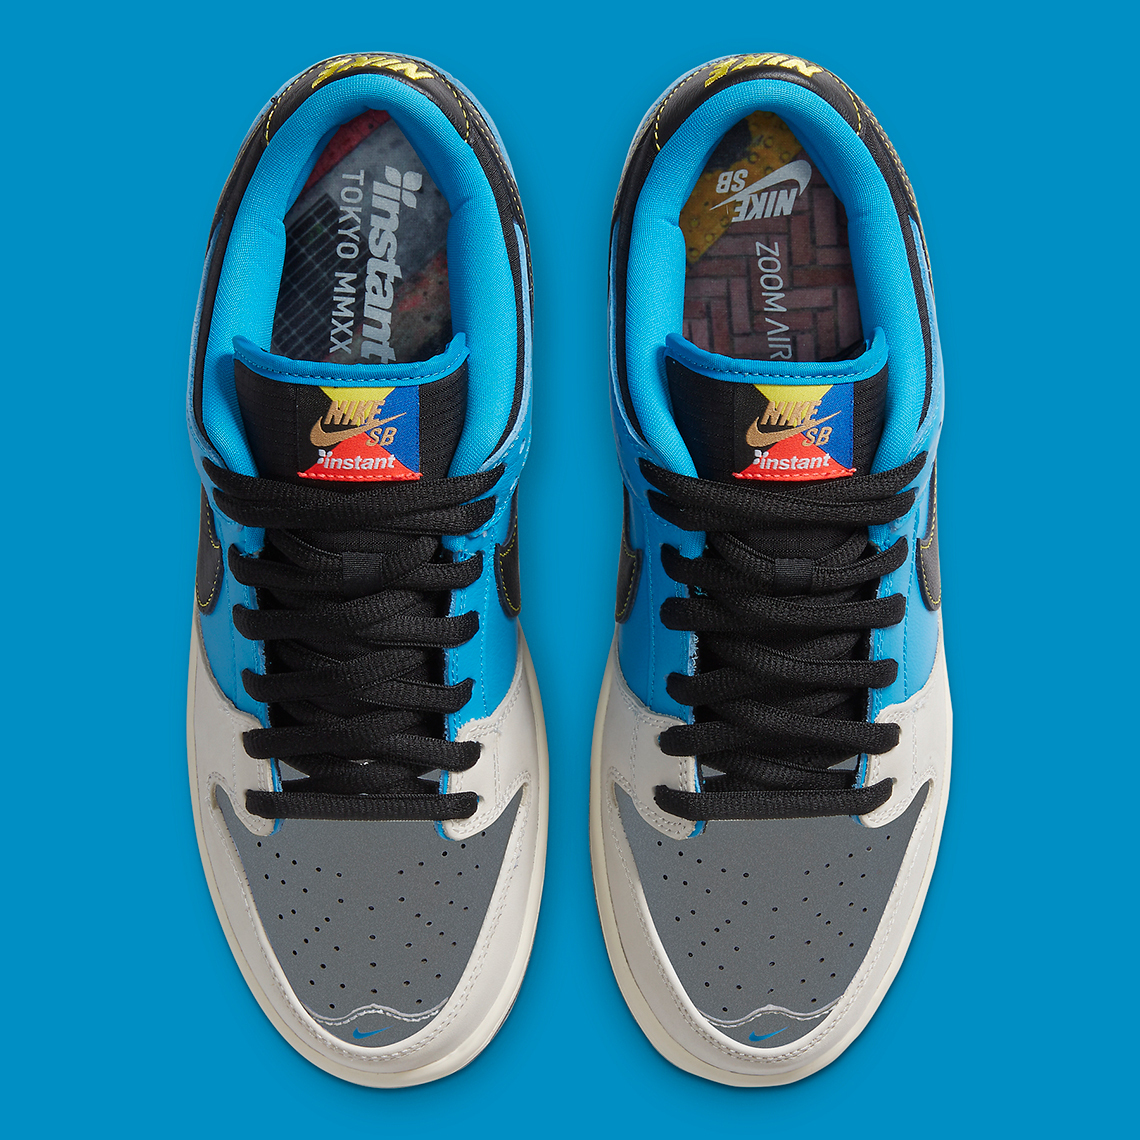 Instant Skateboards x Nike SB Dunk Low - CZ5128-400